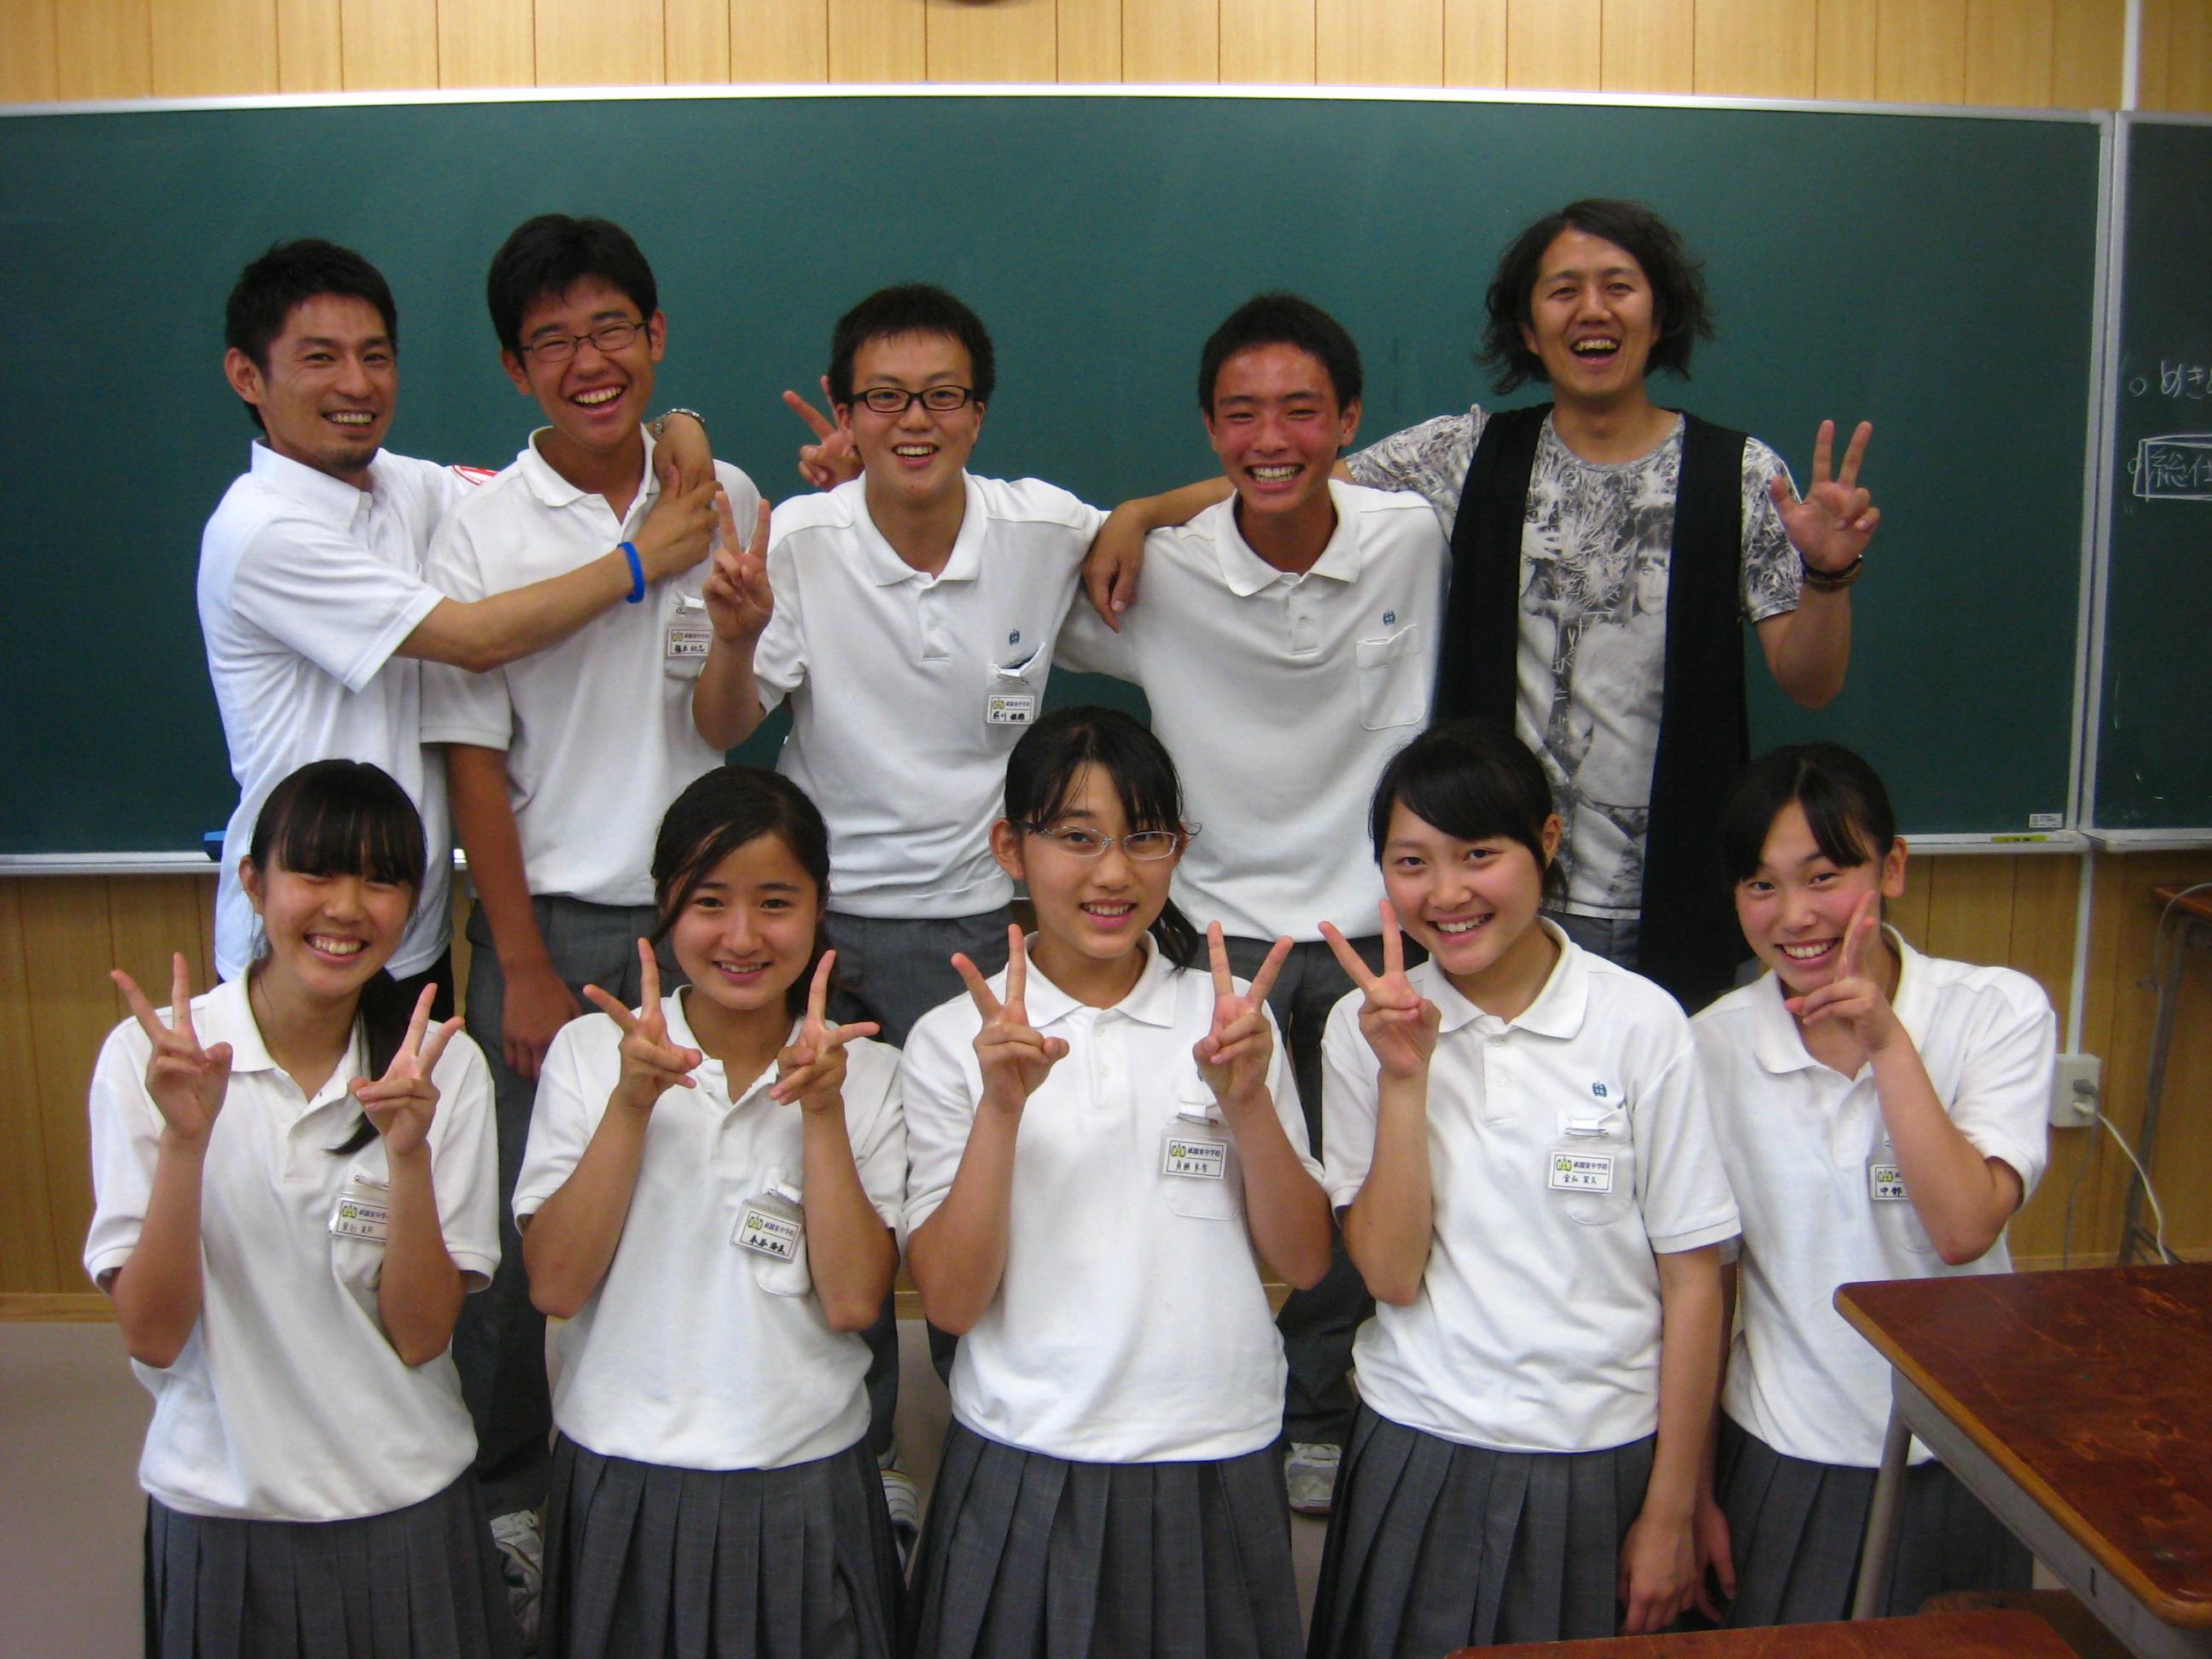 広島 市立 中等 教育 学校